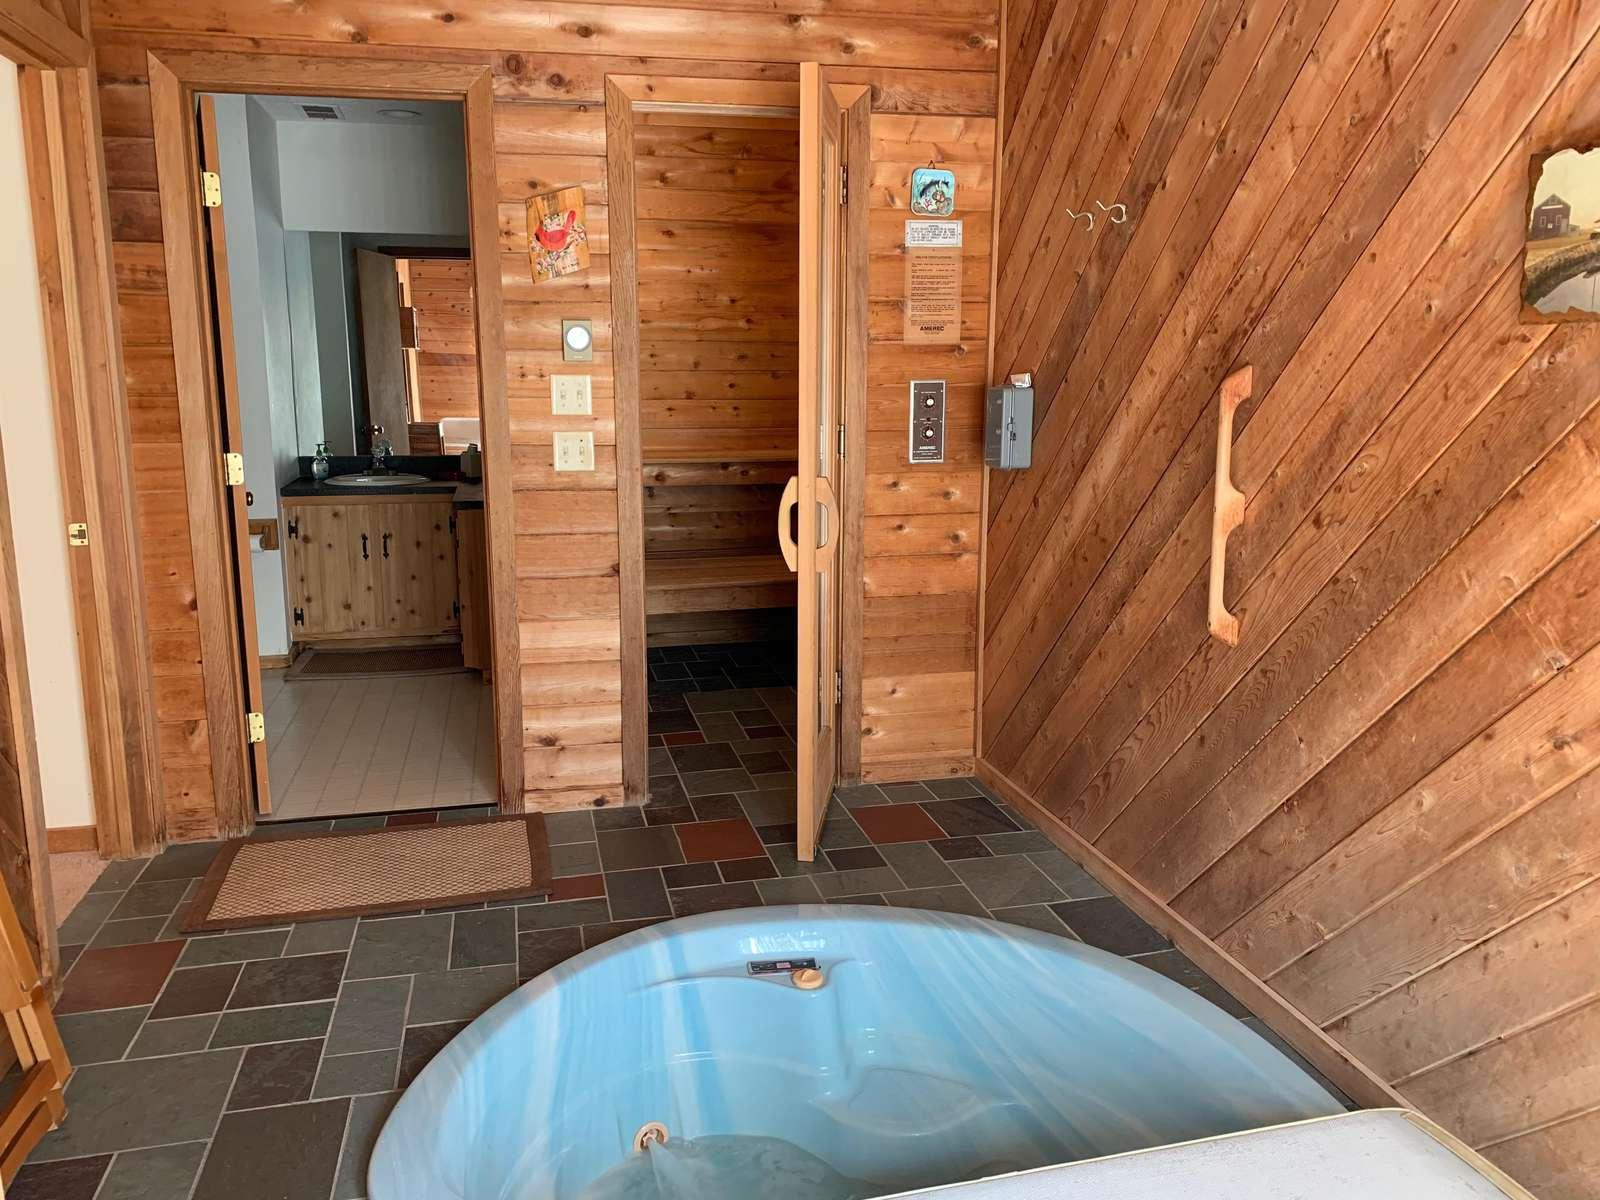 hot tub, sauna and bathroom, main floor